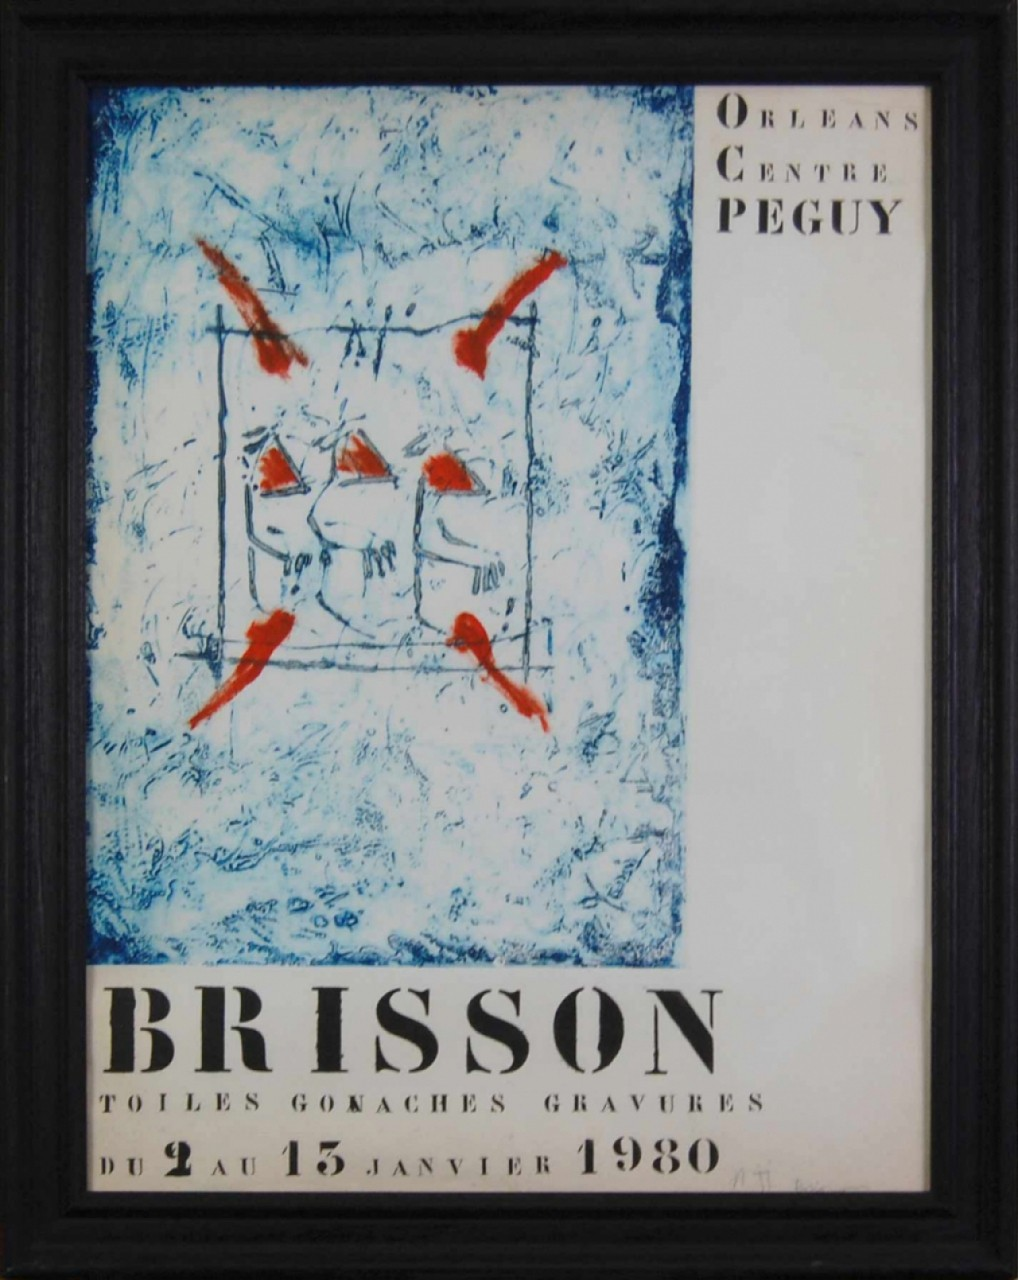 BRISSON Pierre-Marie affiche Orleans centre Peguy